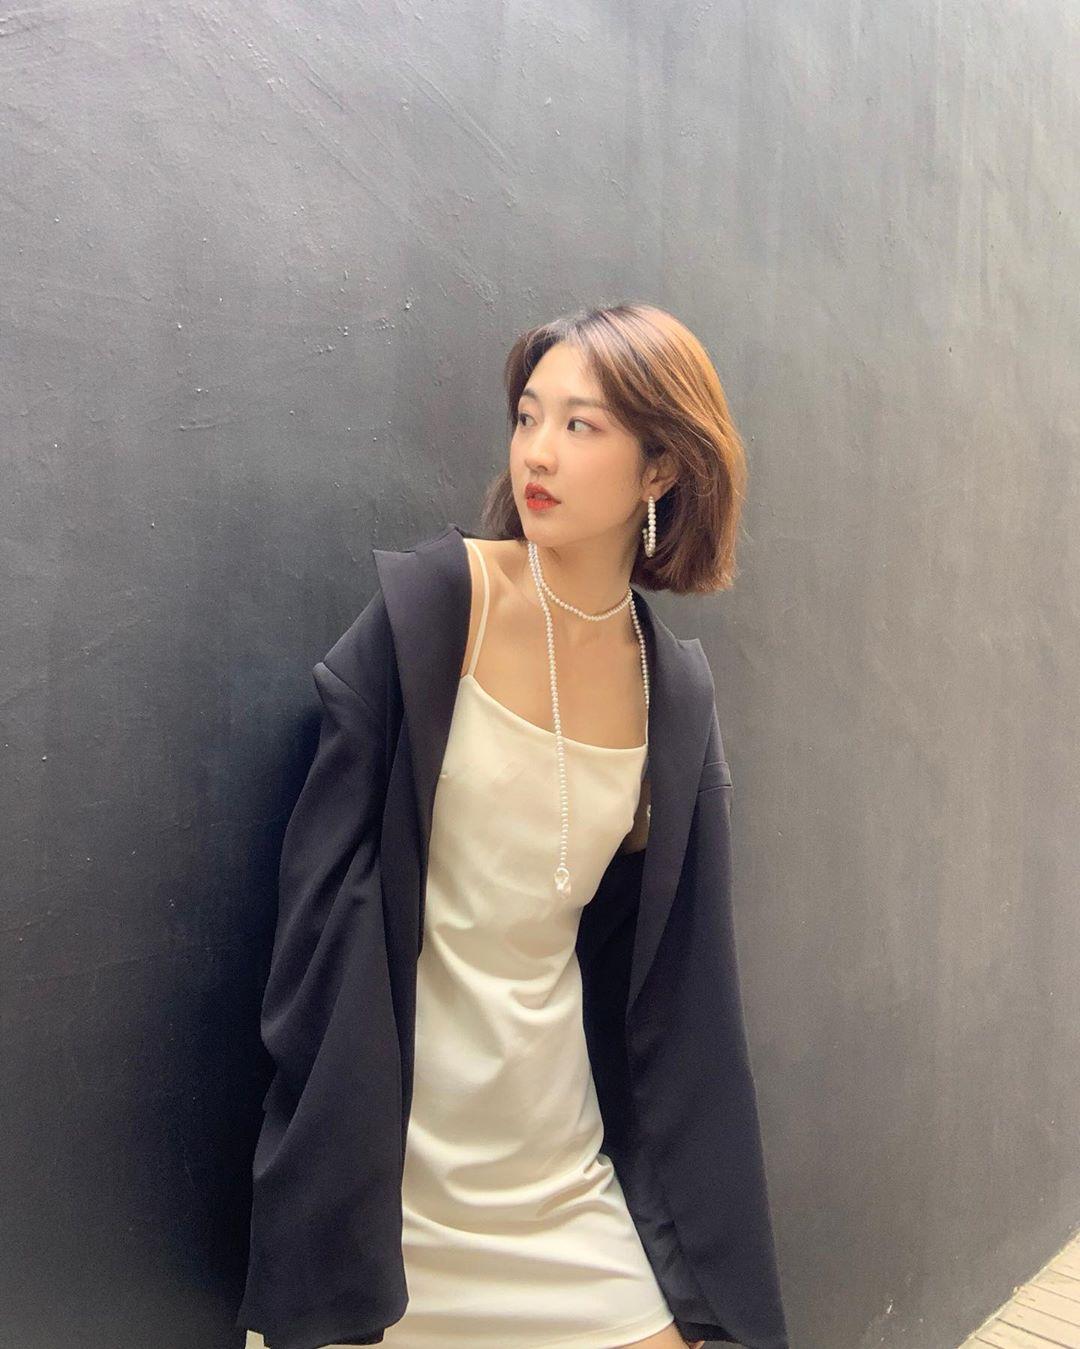 phụ kiện dây chuyền bông tai ngọc trai phong cách soft aesthetic